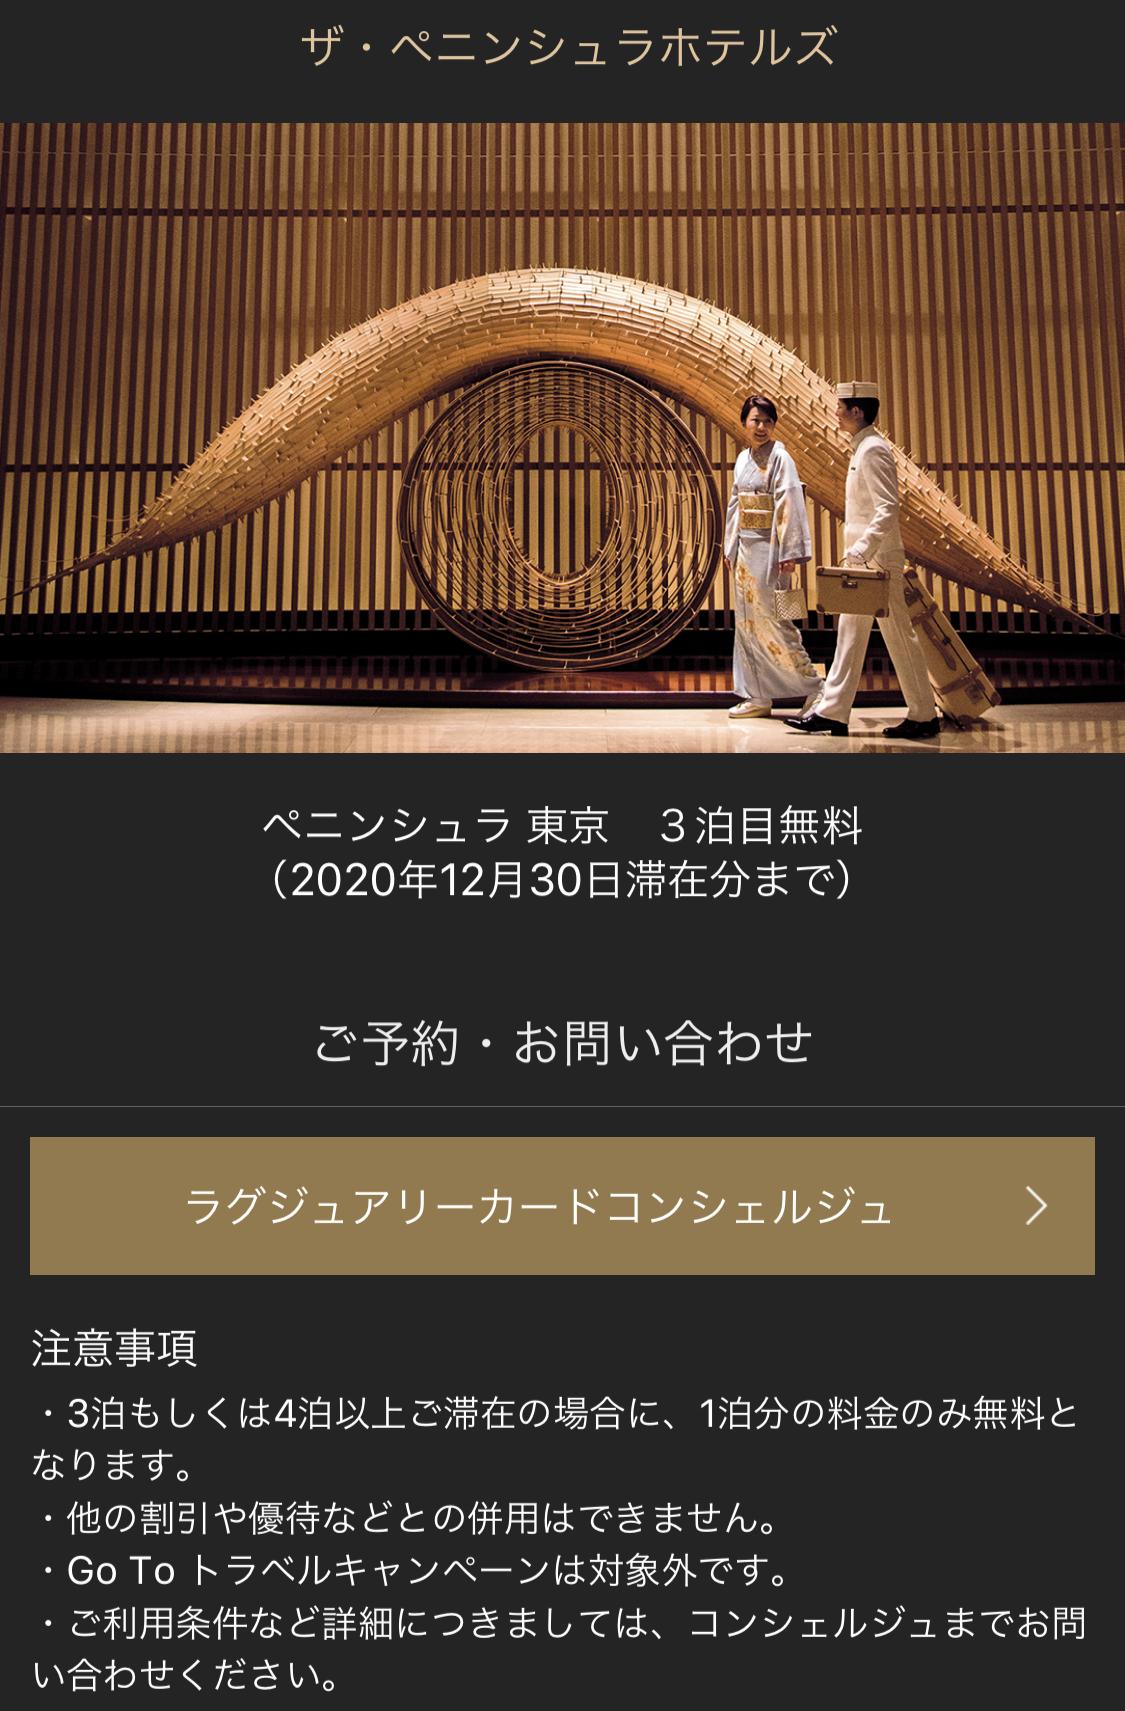 ラグジュアリカードの高級ホテル3泊目無料キャンペーン (1)